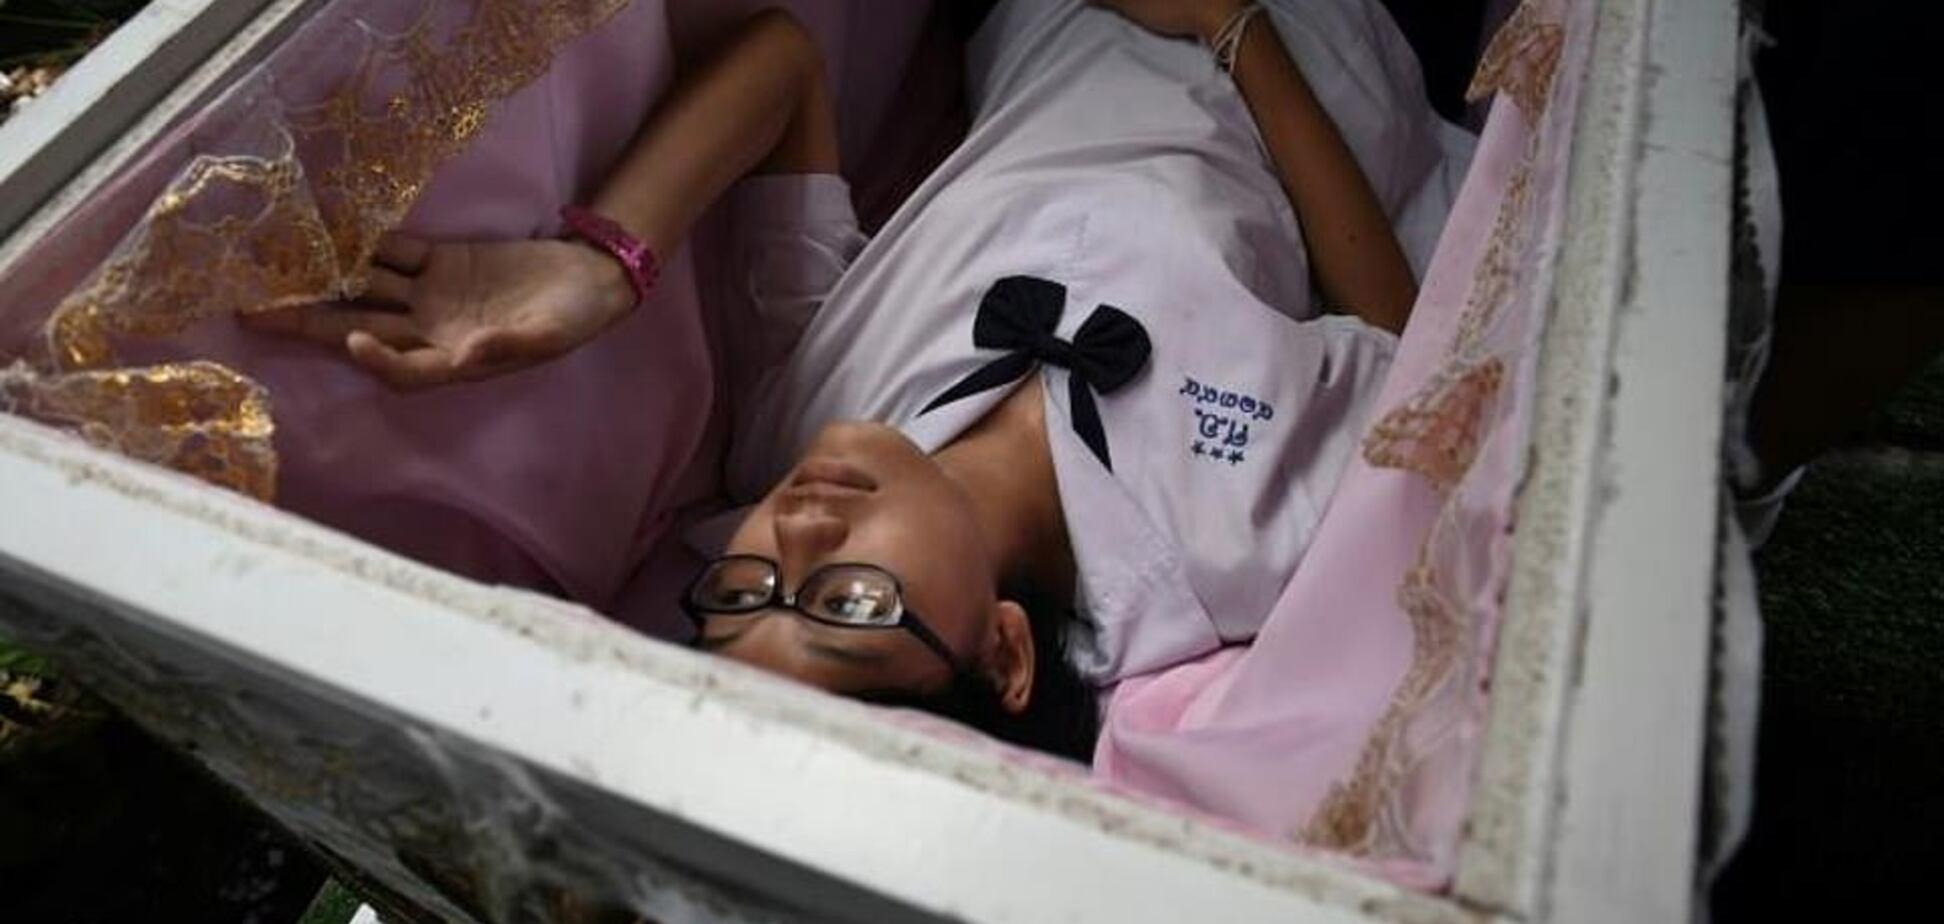 Кафе в Бангкоку заганяє людей в труну заради знижок: фото